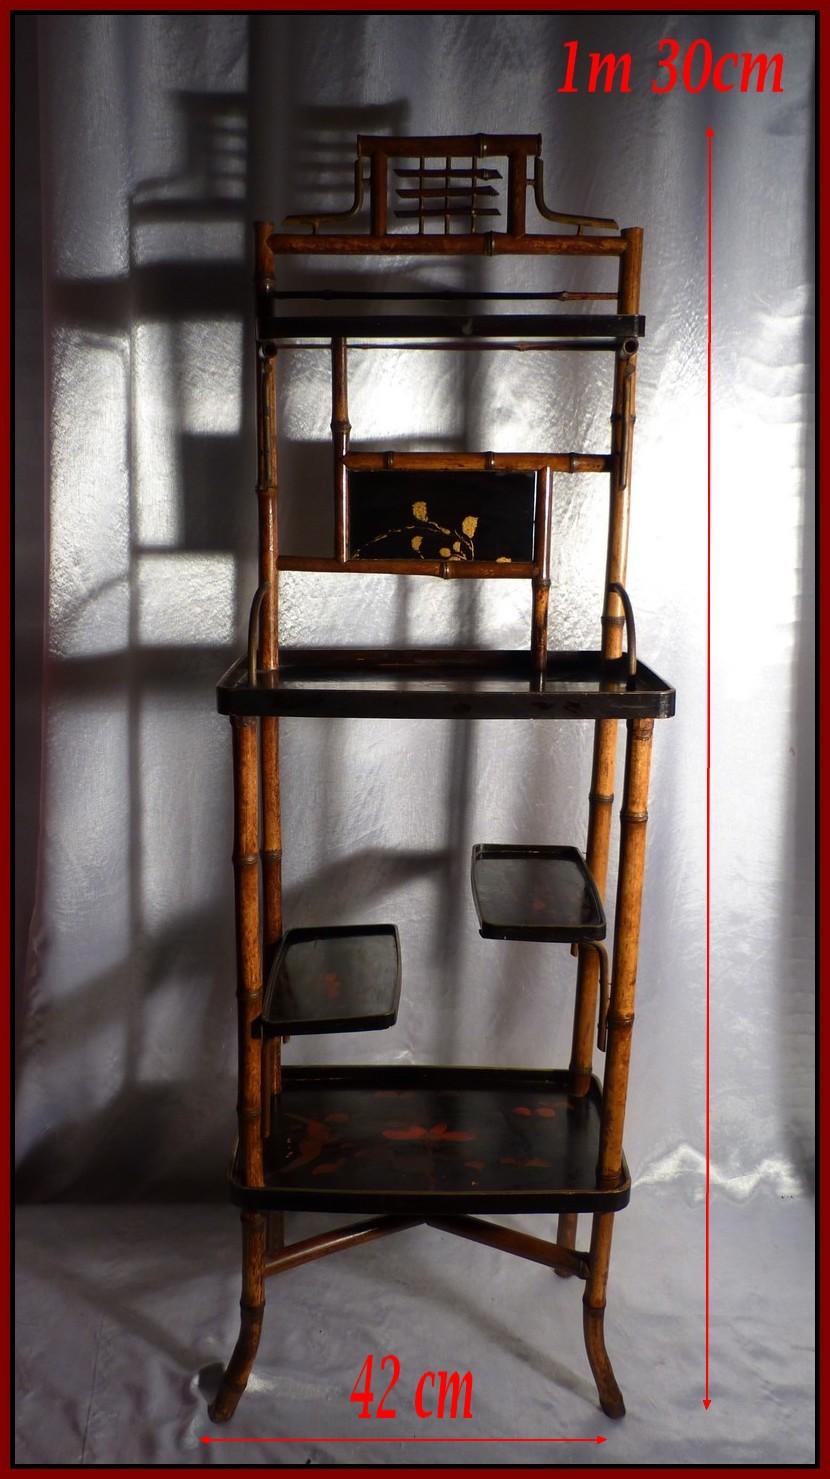 japon xixe meuble en bambou plateaux de laque rouge or laques du japon 19e ebay. Black Bedroom Furniture Sets. Home Design Ideas